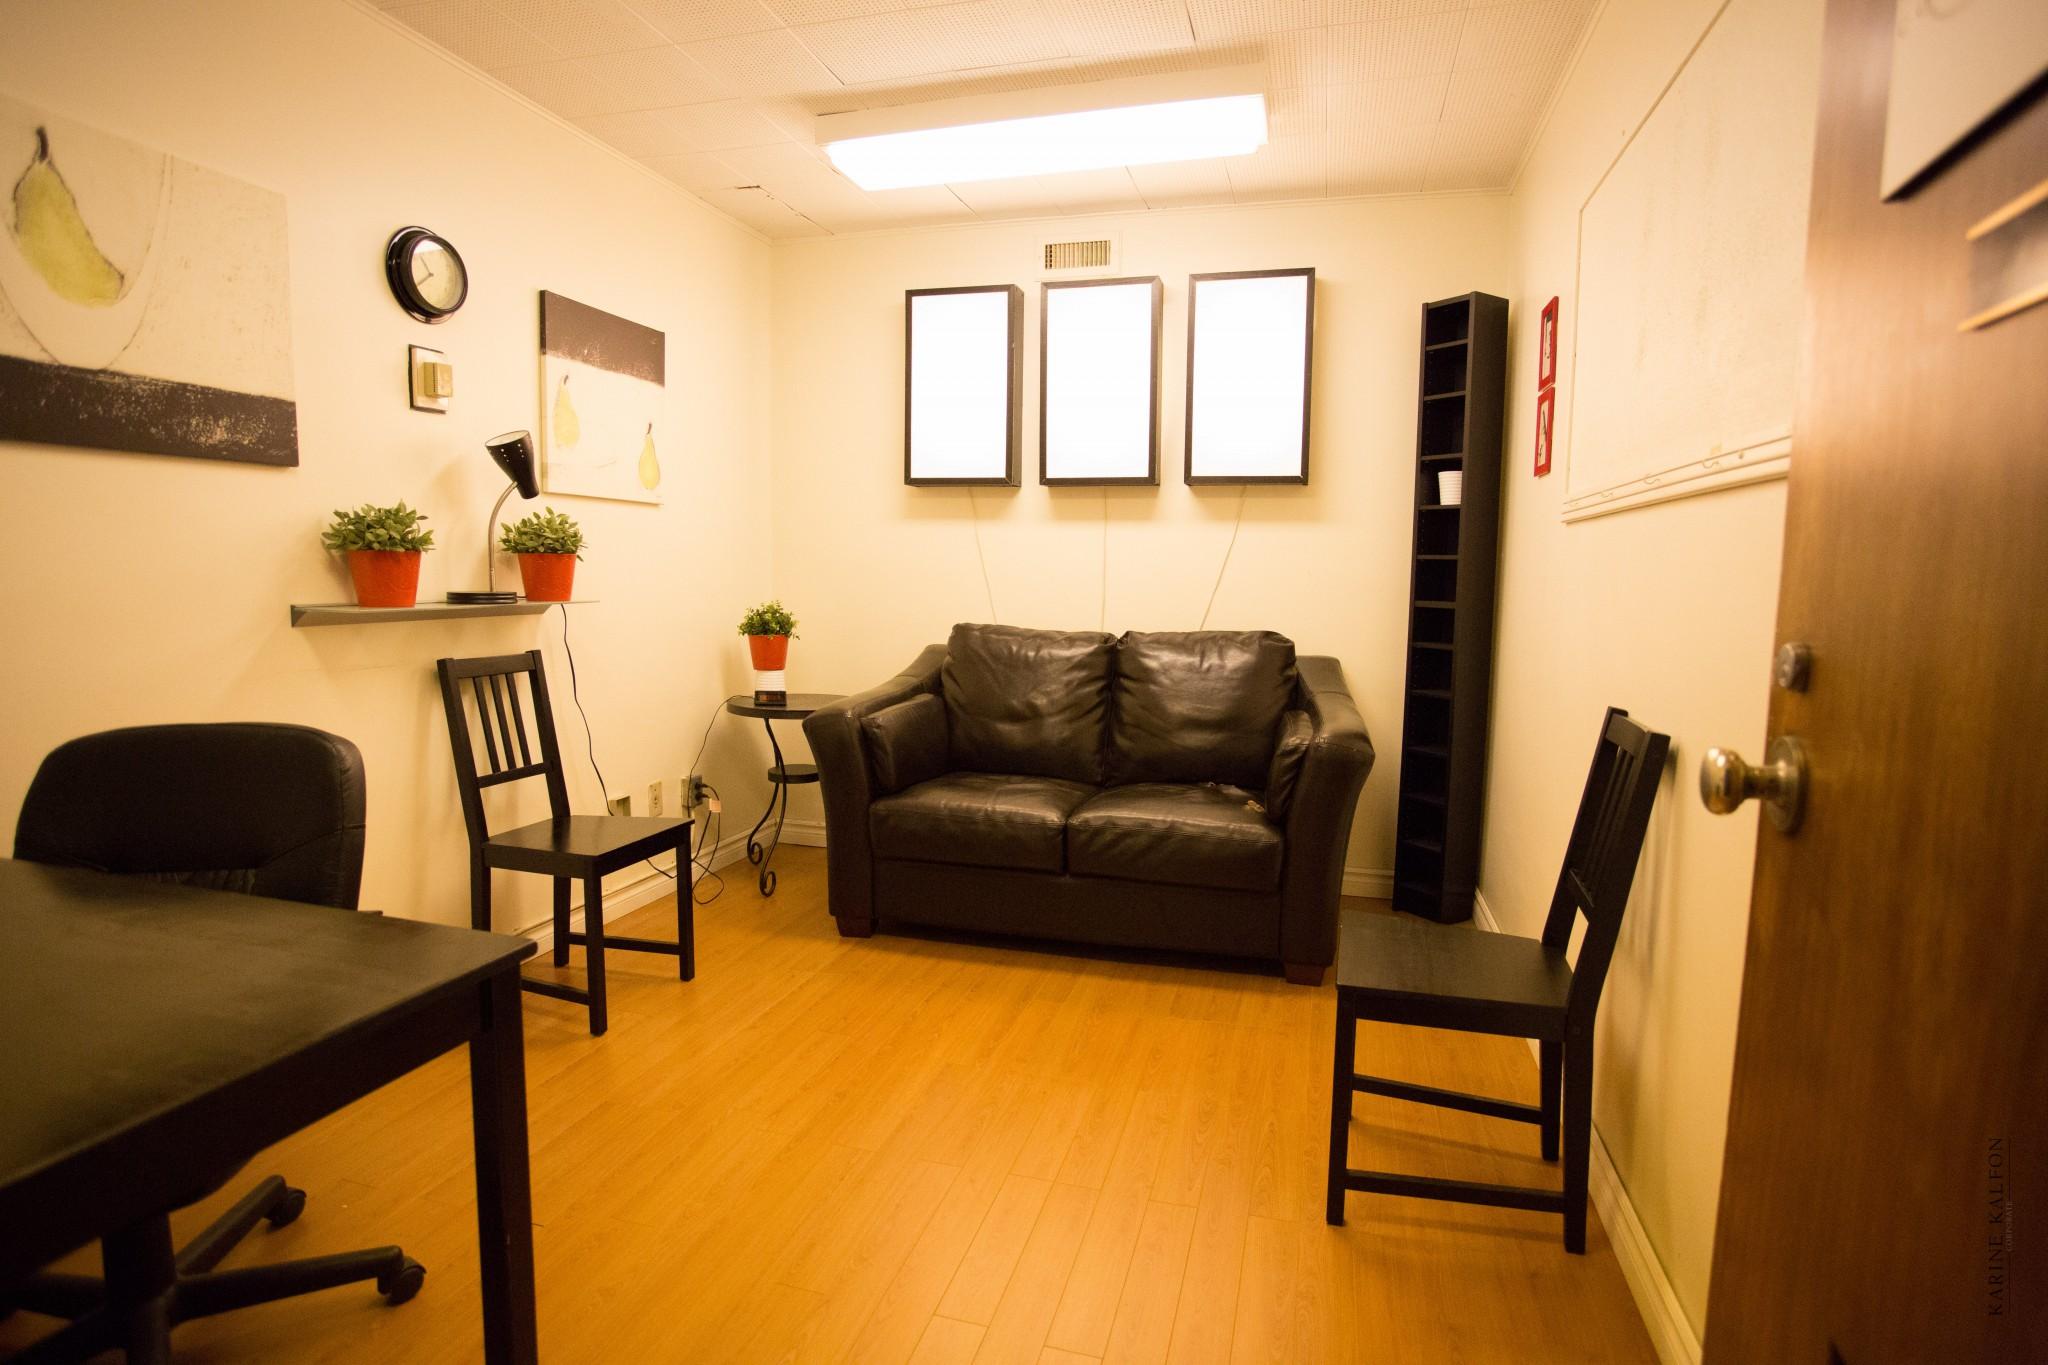 Location de bureaux Montreal Therapy Centre